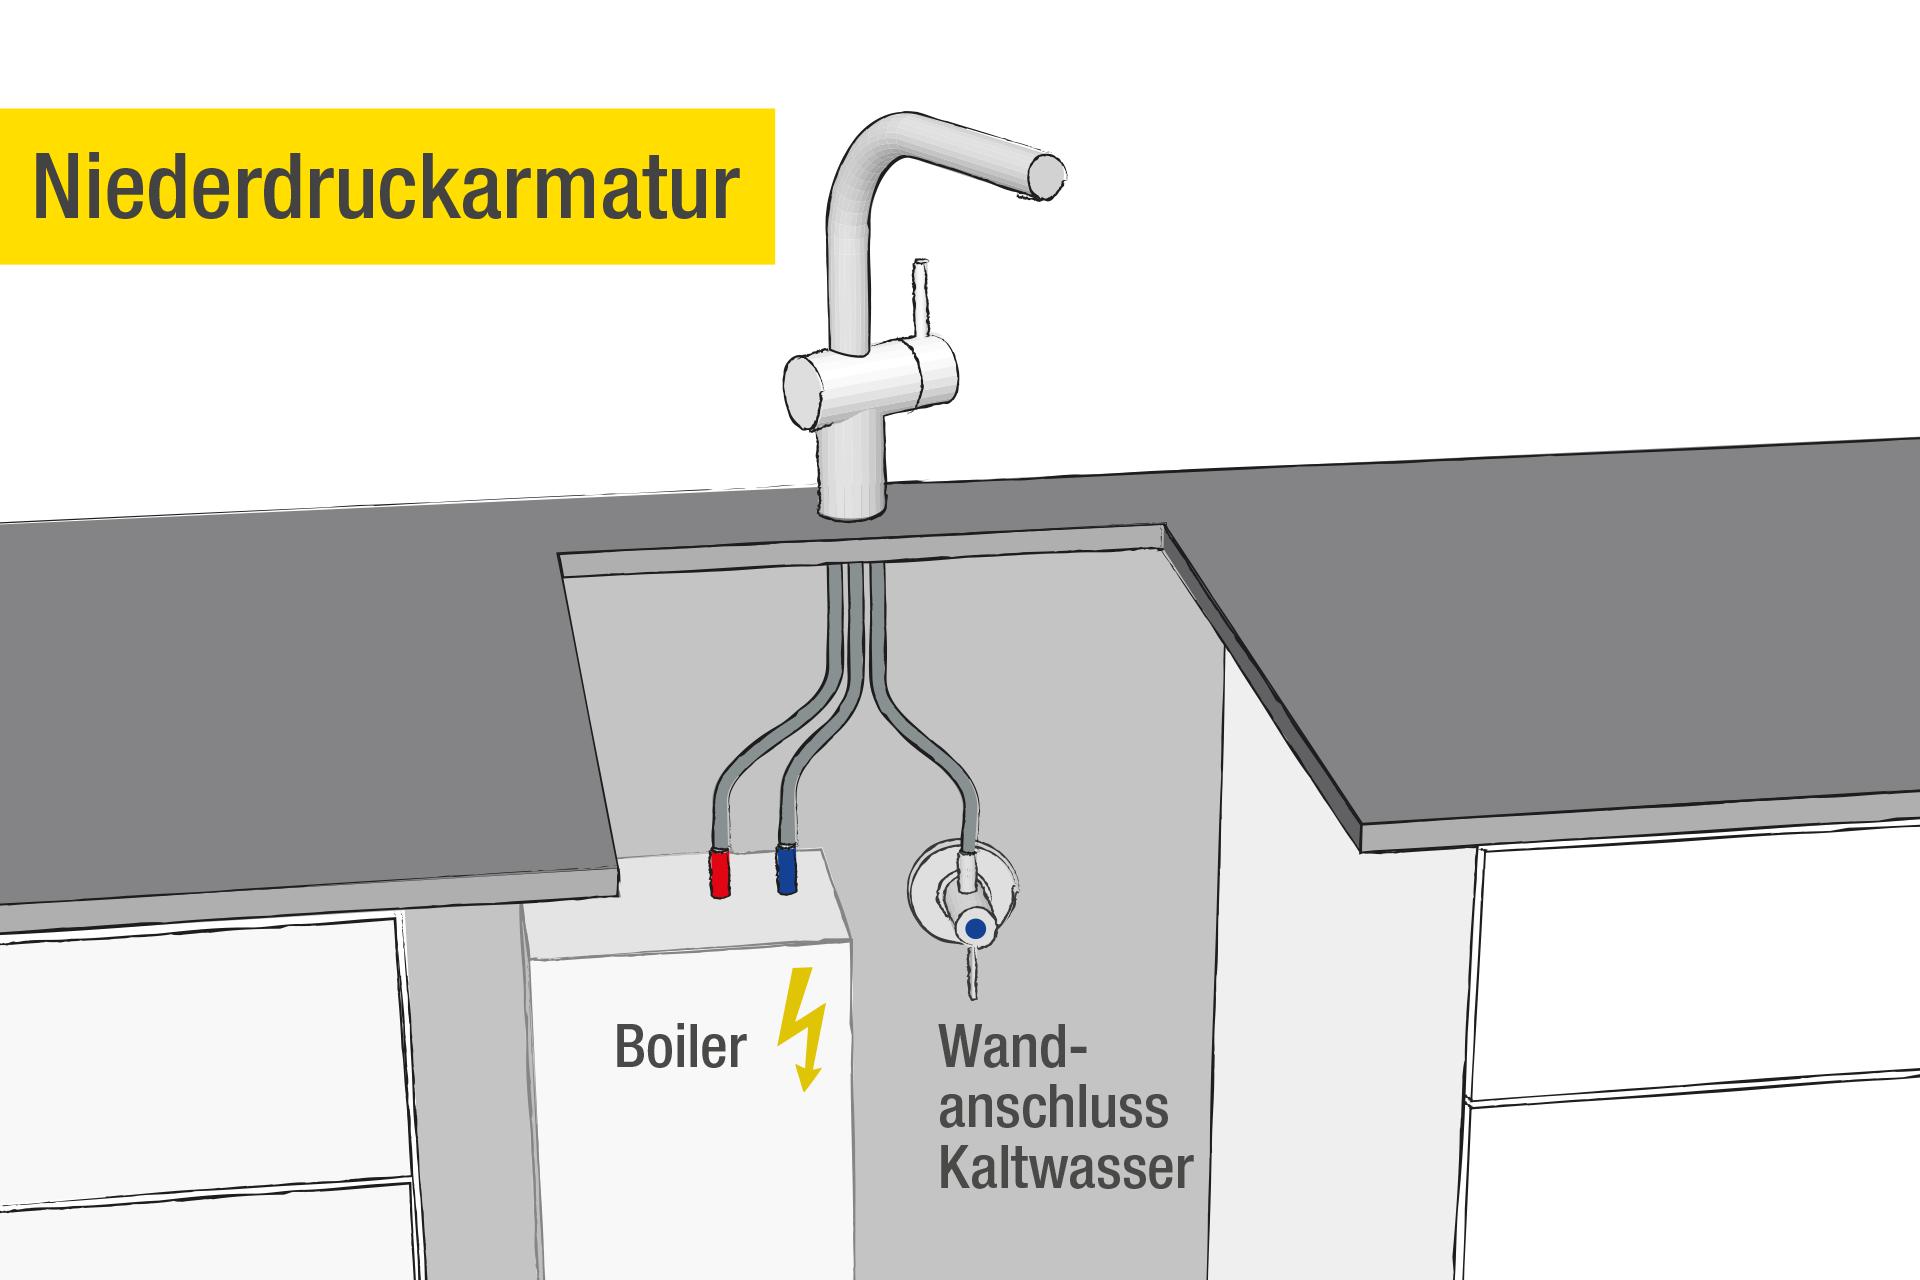 Full Size of Wasserhahn Anschluss Wann Brauche Ich Eine Niederdruckarmatur Kchendurst Für Küche Wandanschluss Bad Wohnzimmer Wasserhahn Anschluss